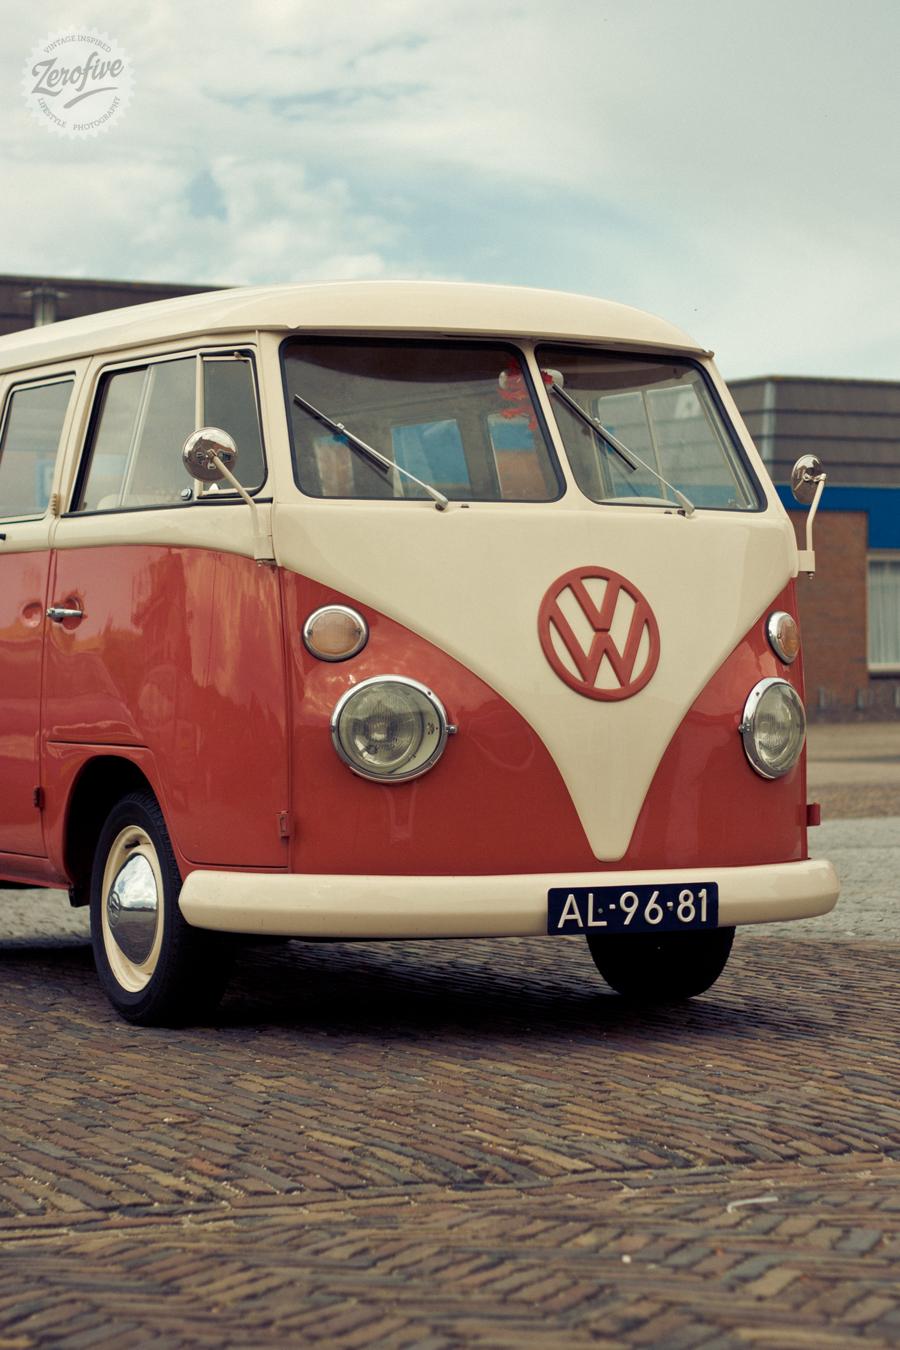 '67 Volkswagen T1 surfbus